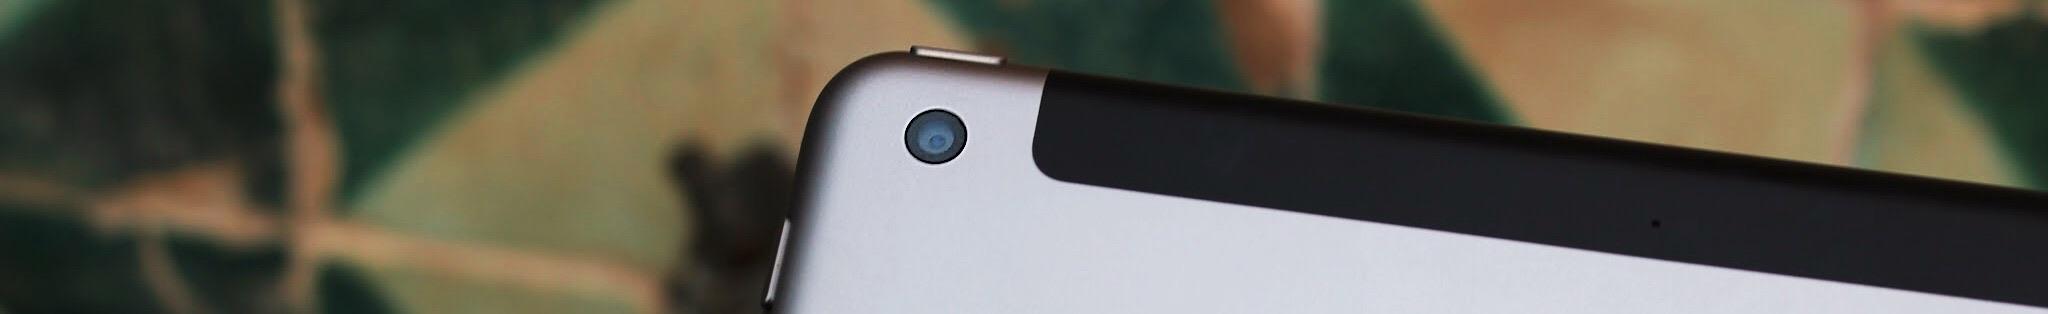 iPad 2018 Cámara